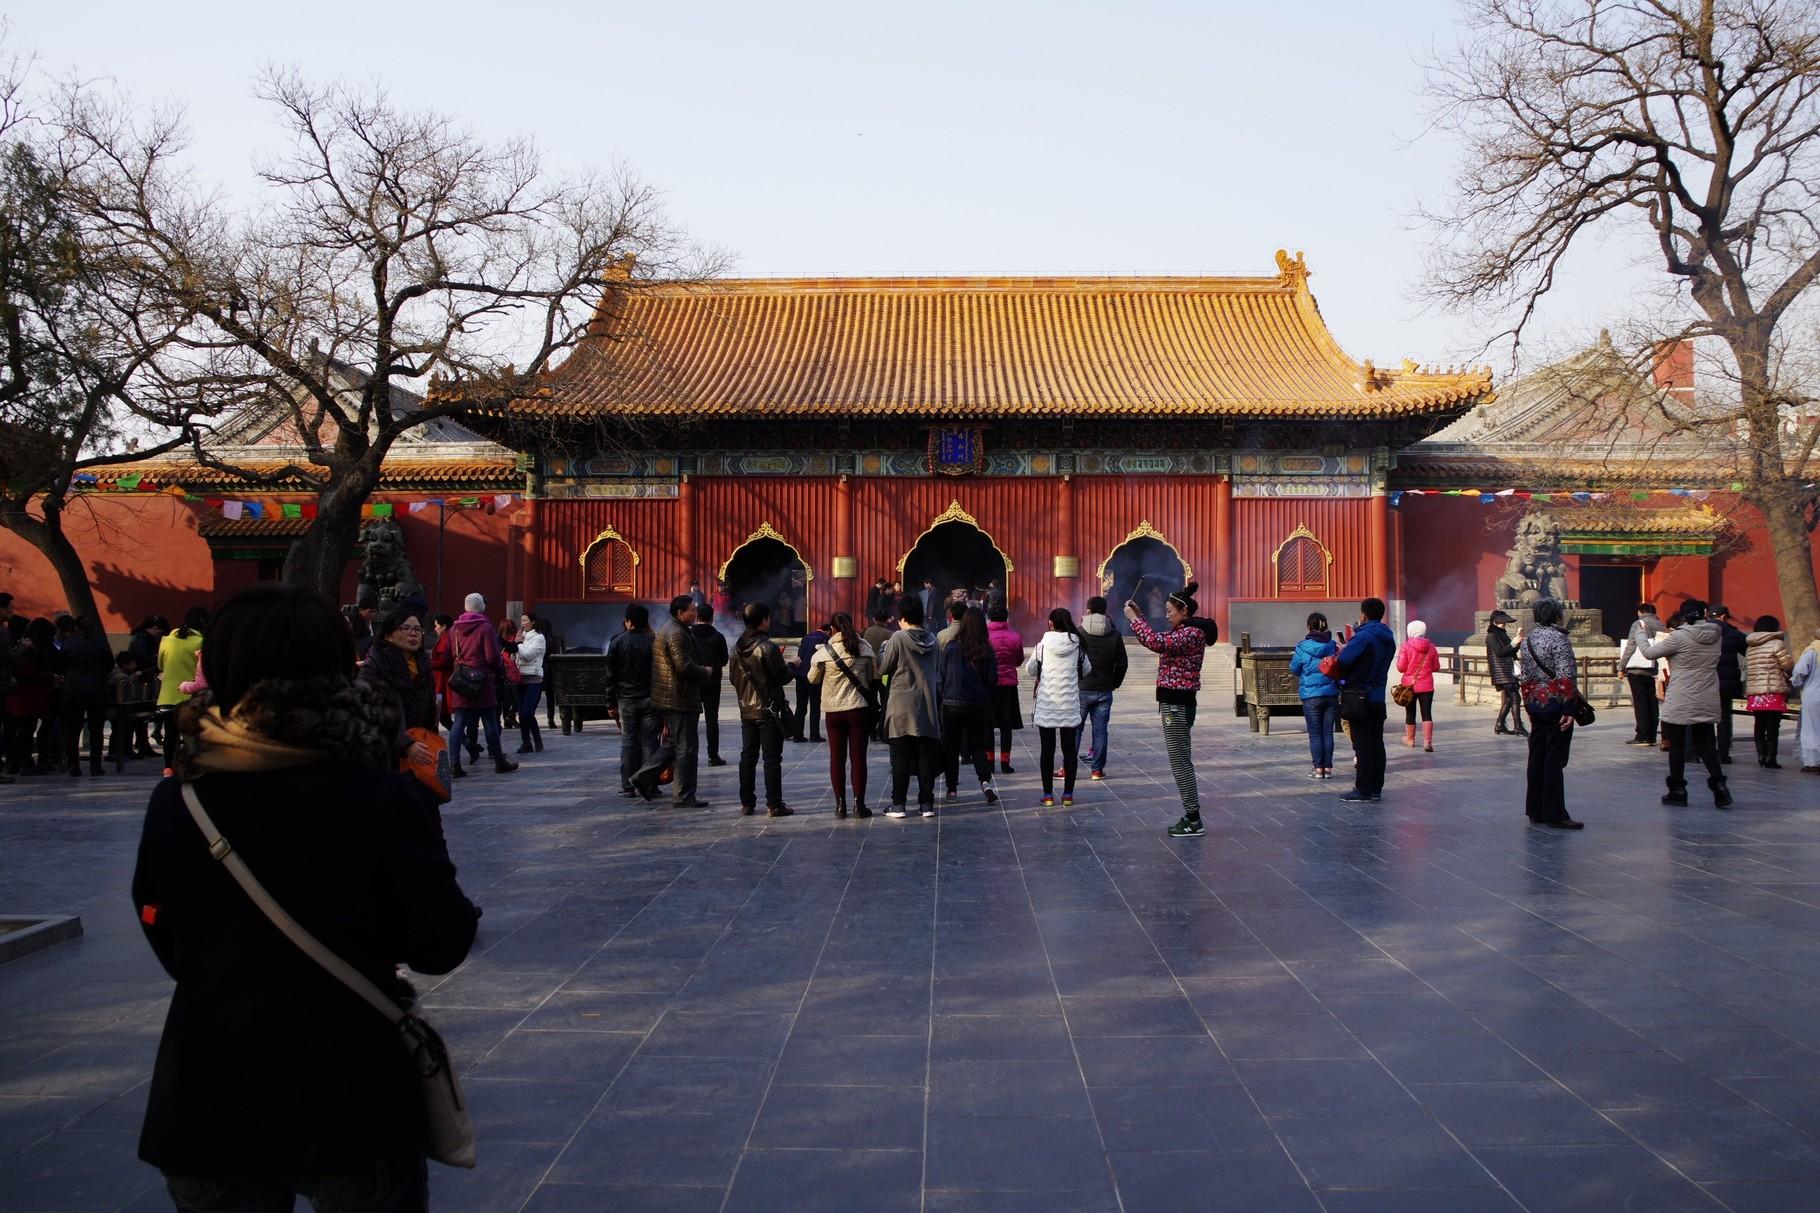 第一の主殿 雍和門(天王殿 布袋像と四天王)